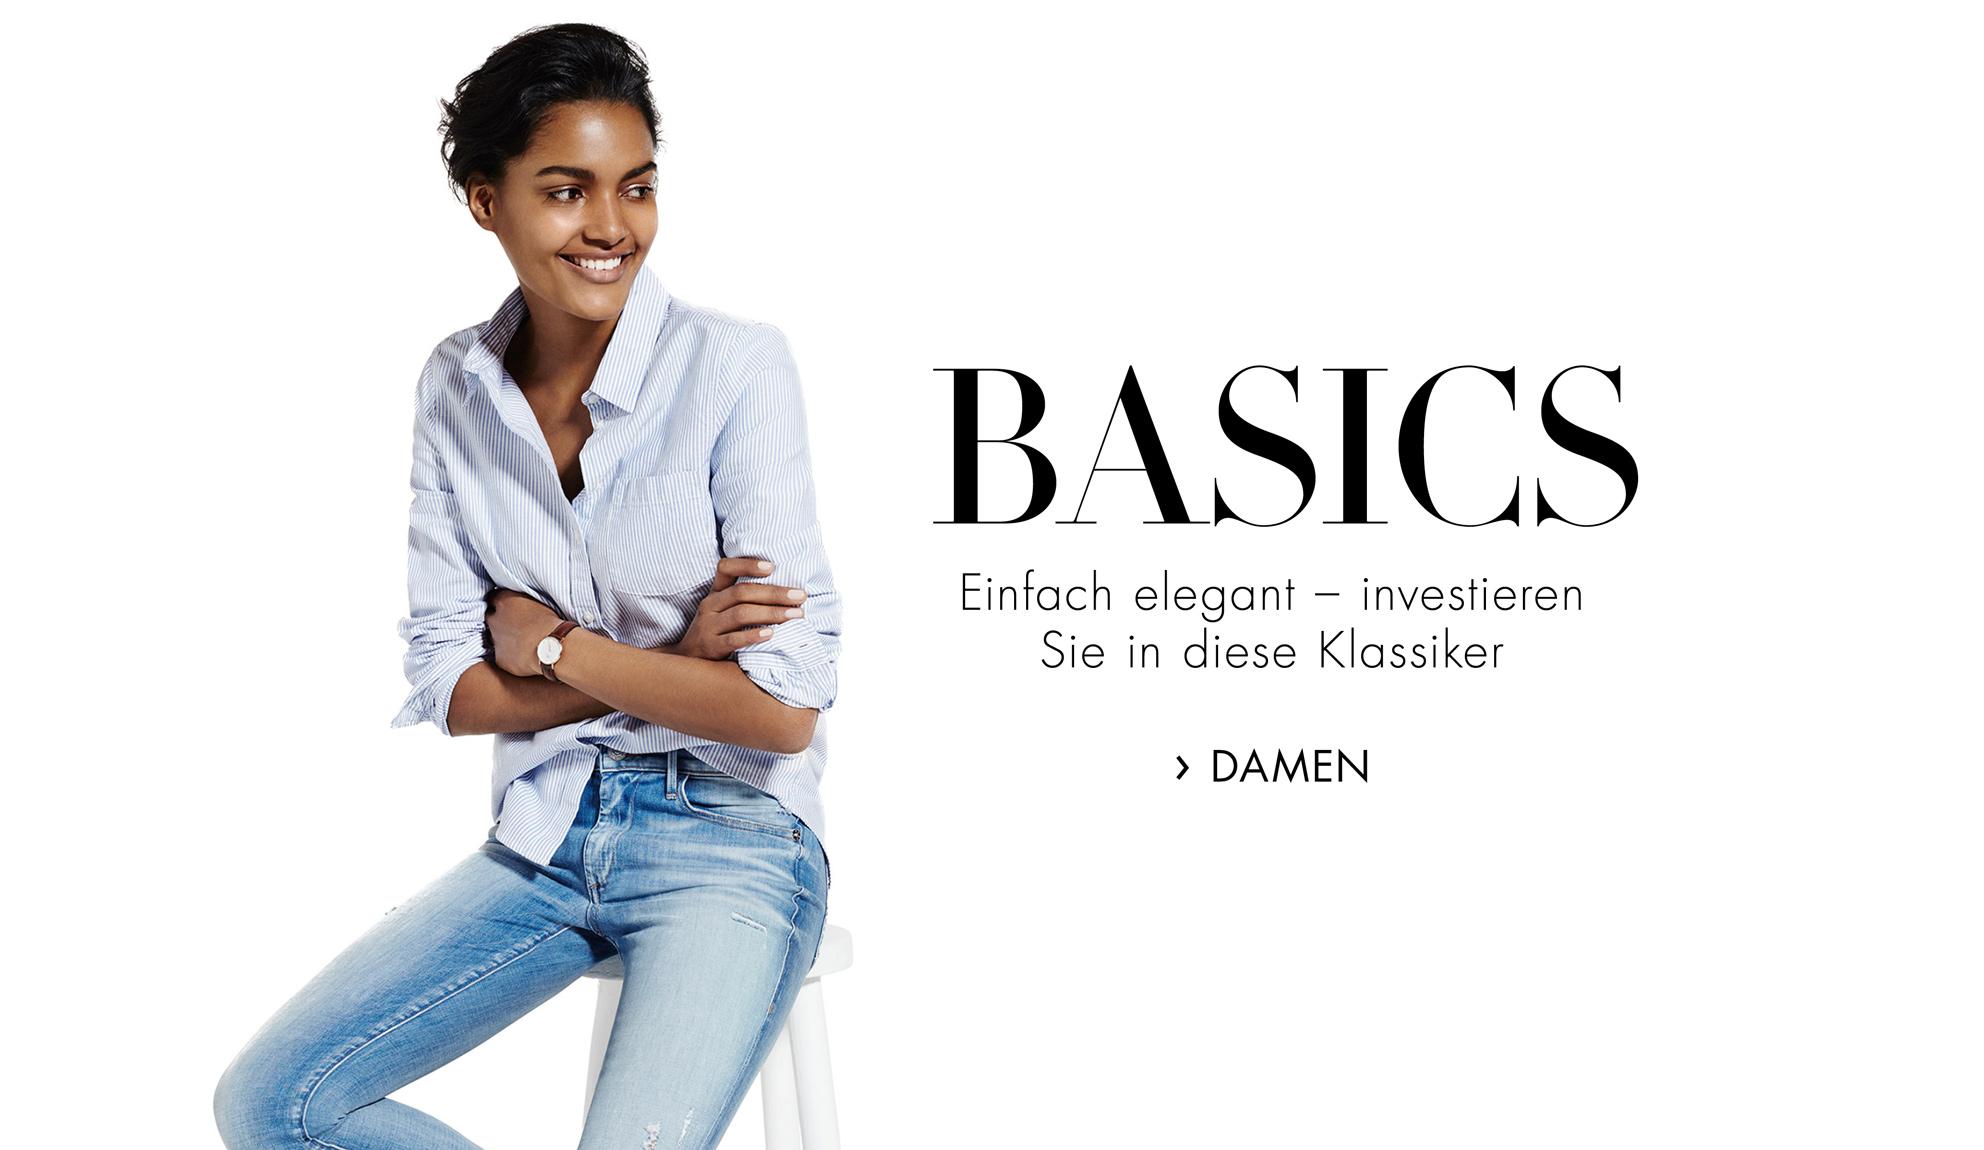 Basics für Damen